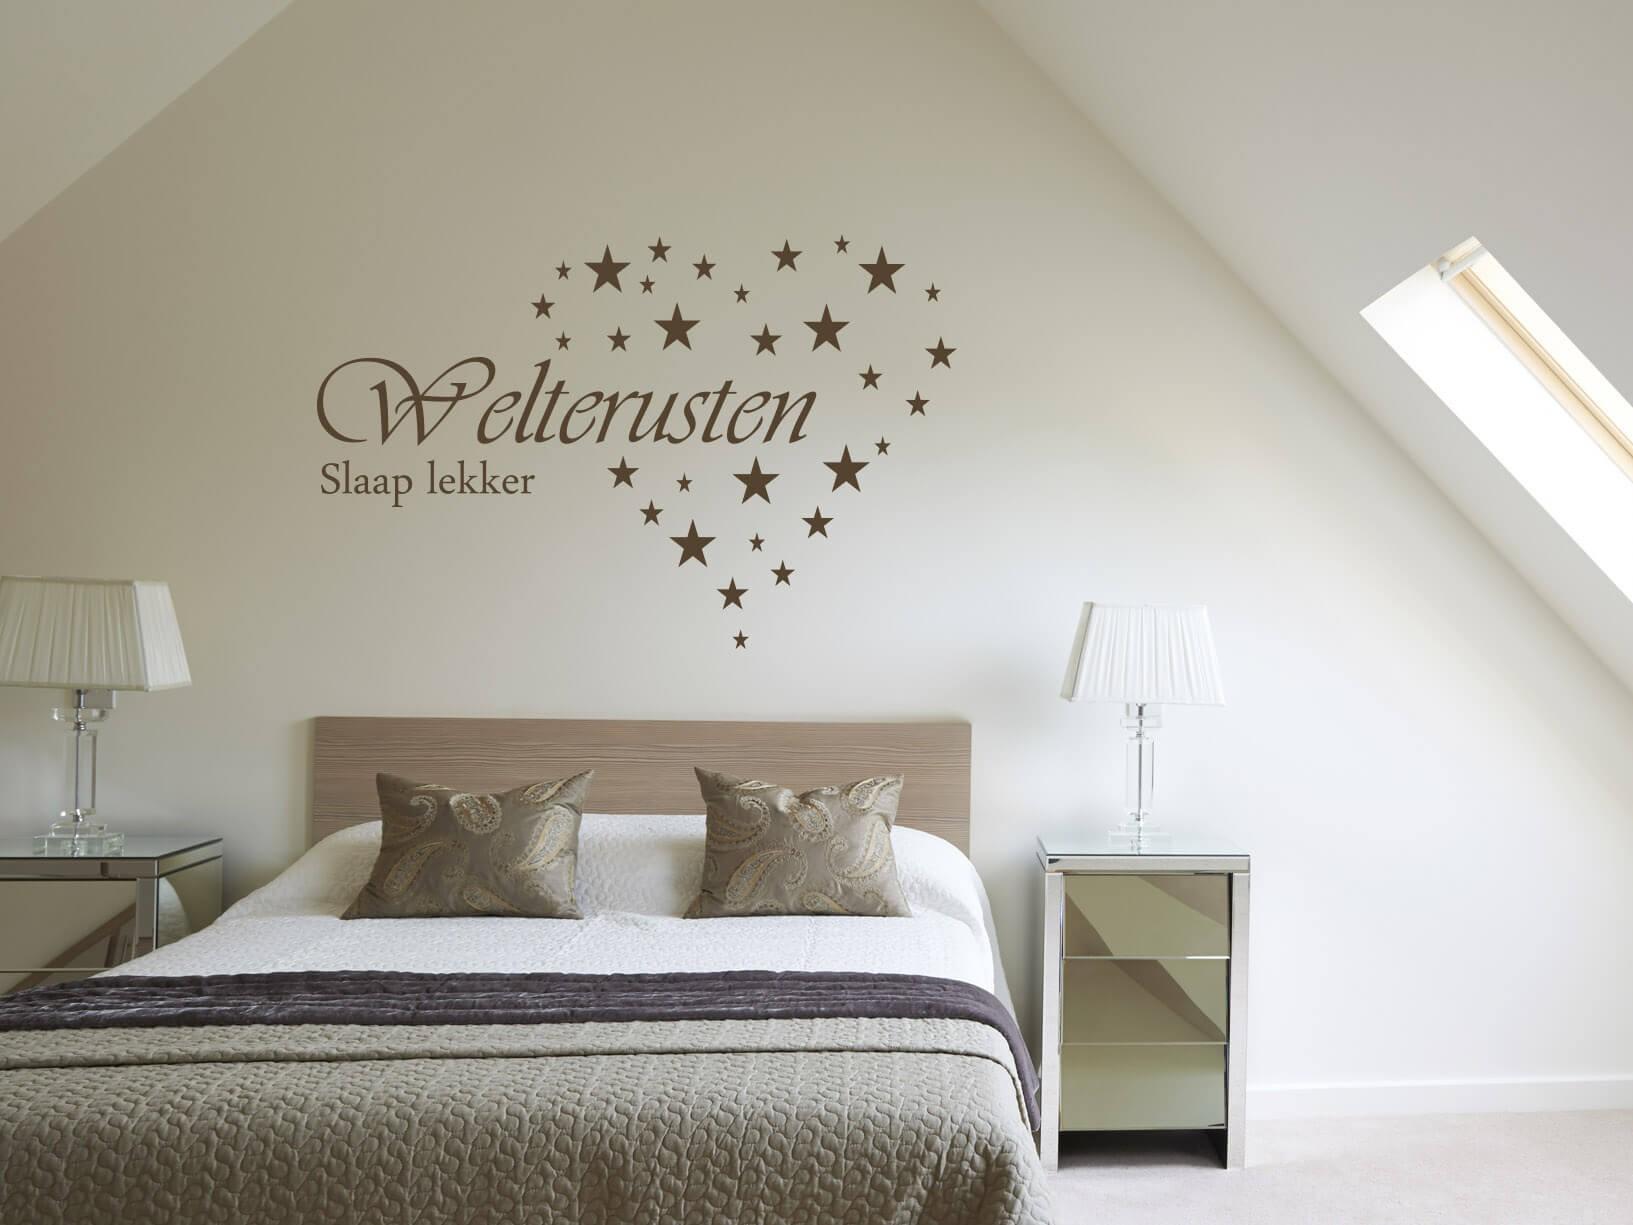 muursticker welterusten slaap lekker met sterren hart